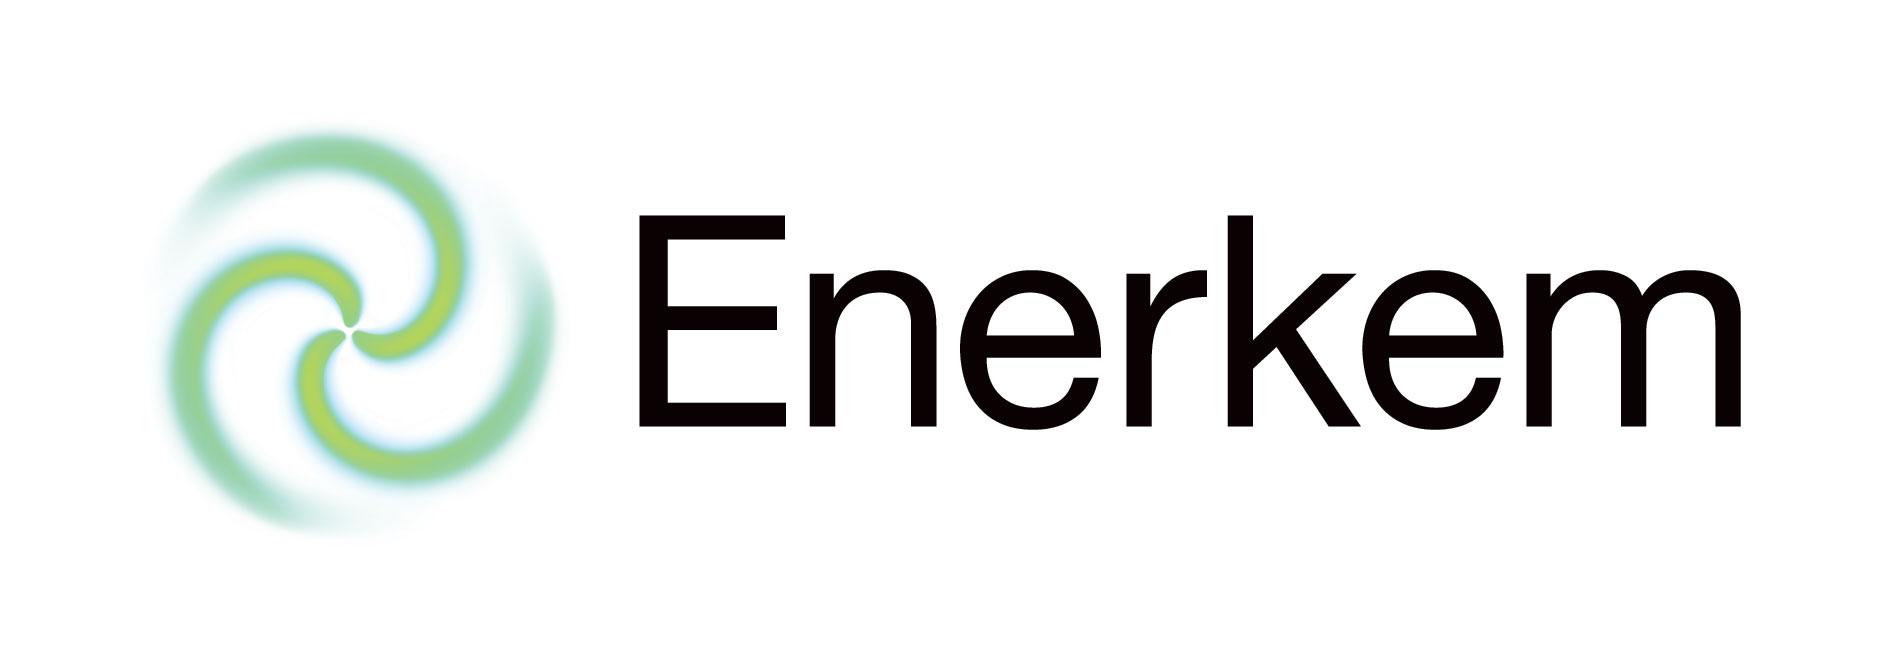 Enerkem nommée finaliste à la première ronde du « CCEMC Grand Challenge »